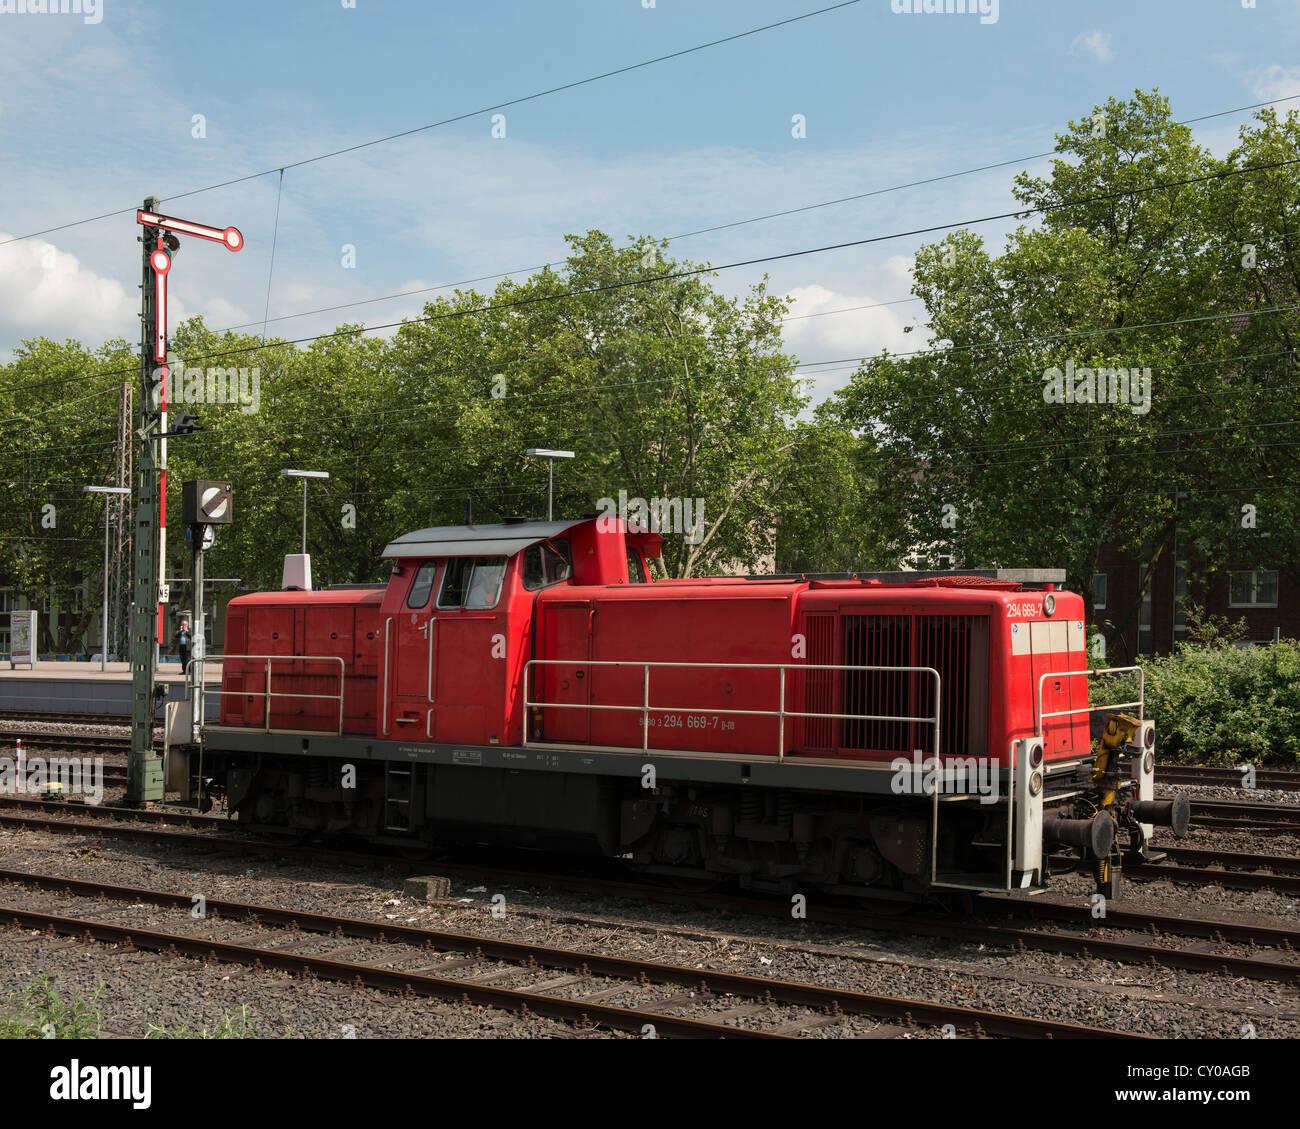 Motore diesel 294 669 7 su una pista vicino a Duesseldorf, nella Renania settentrionale-Vestfalia Immagini Stock